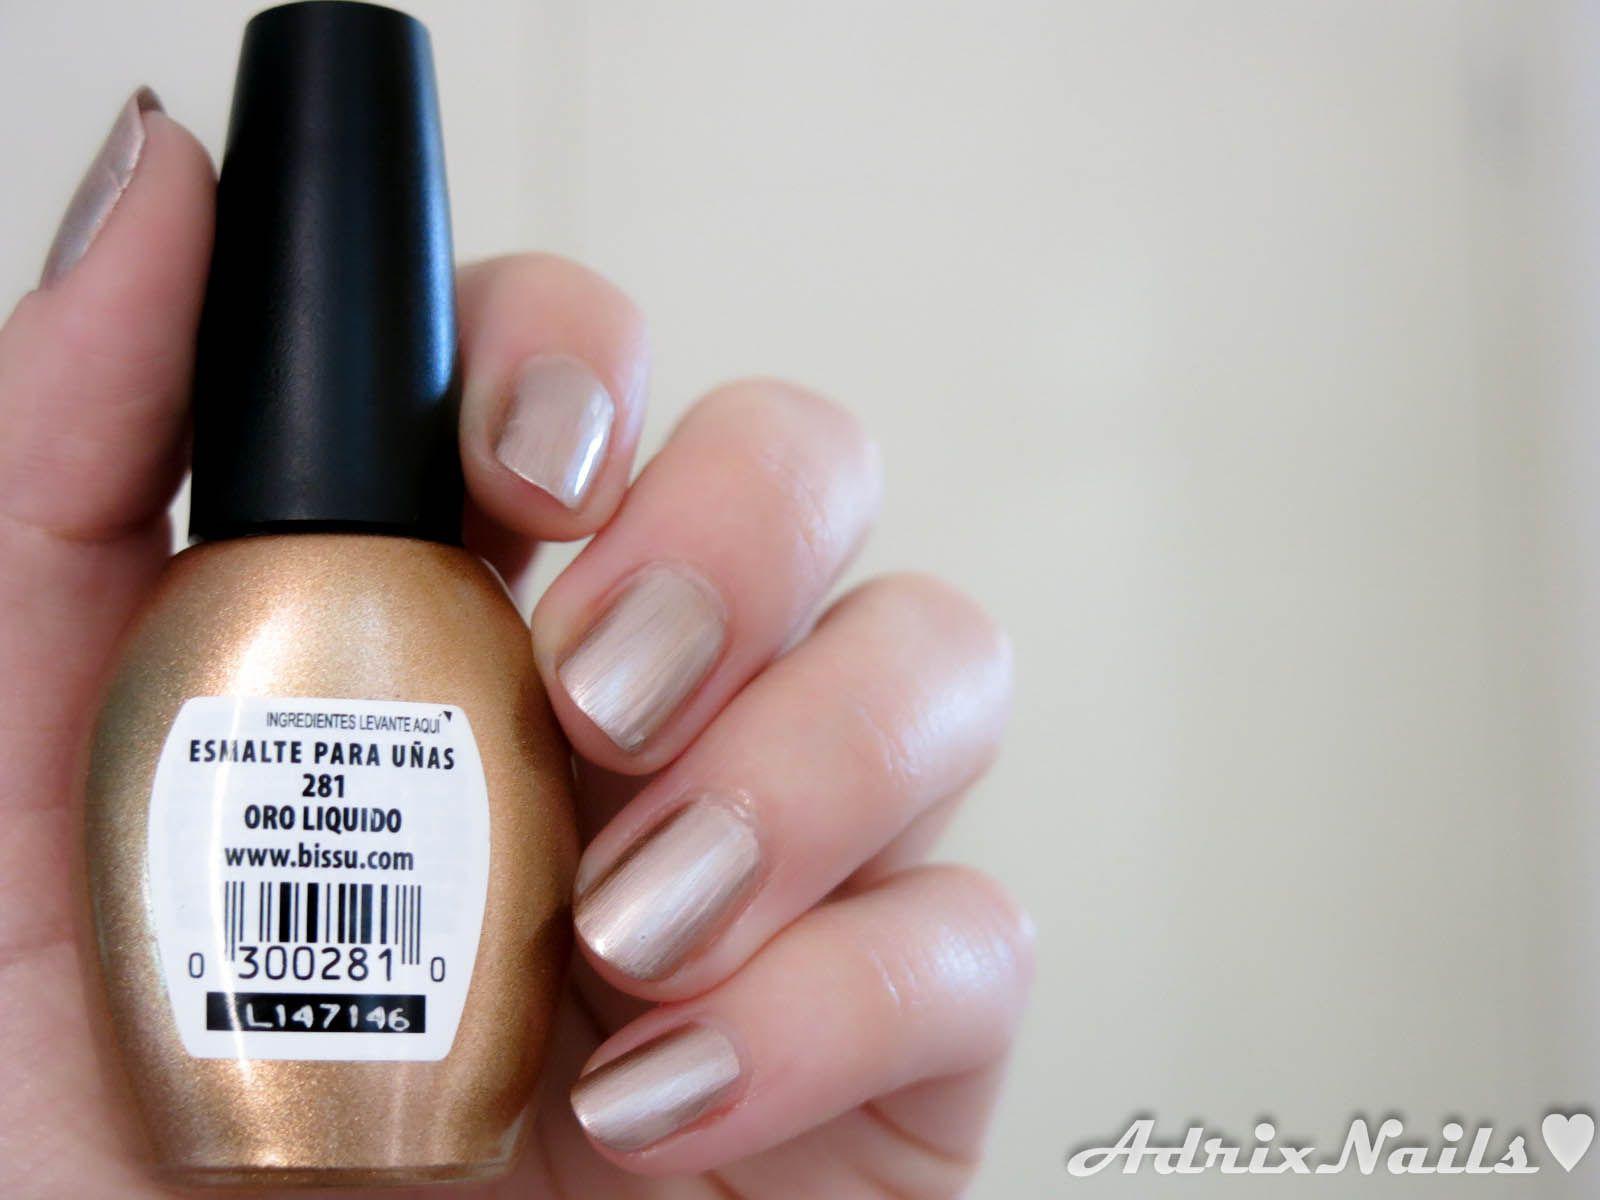 bissu oro liquido | Bissu nails | Pinterest